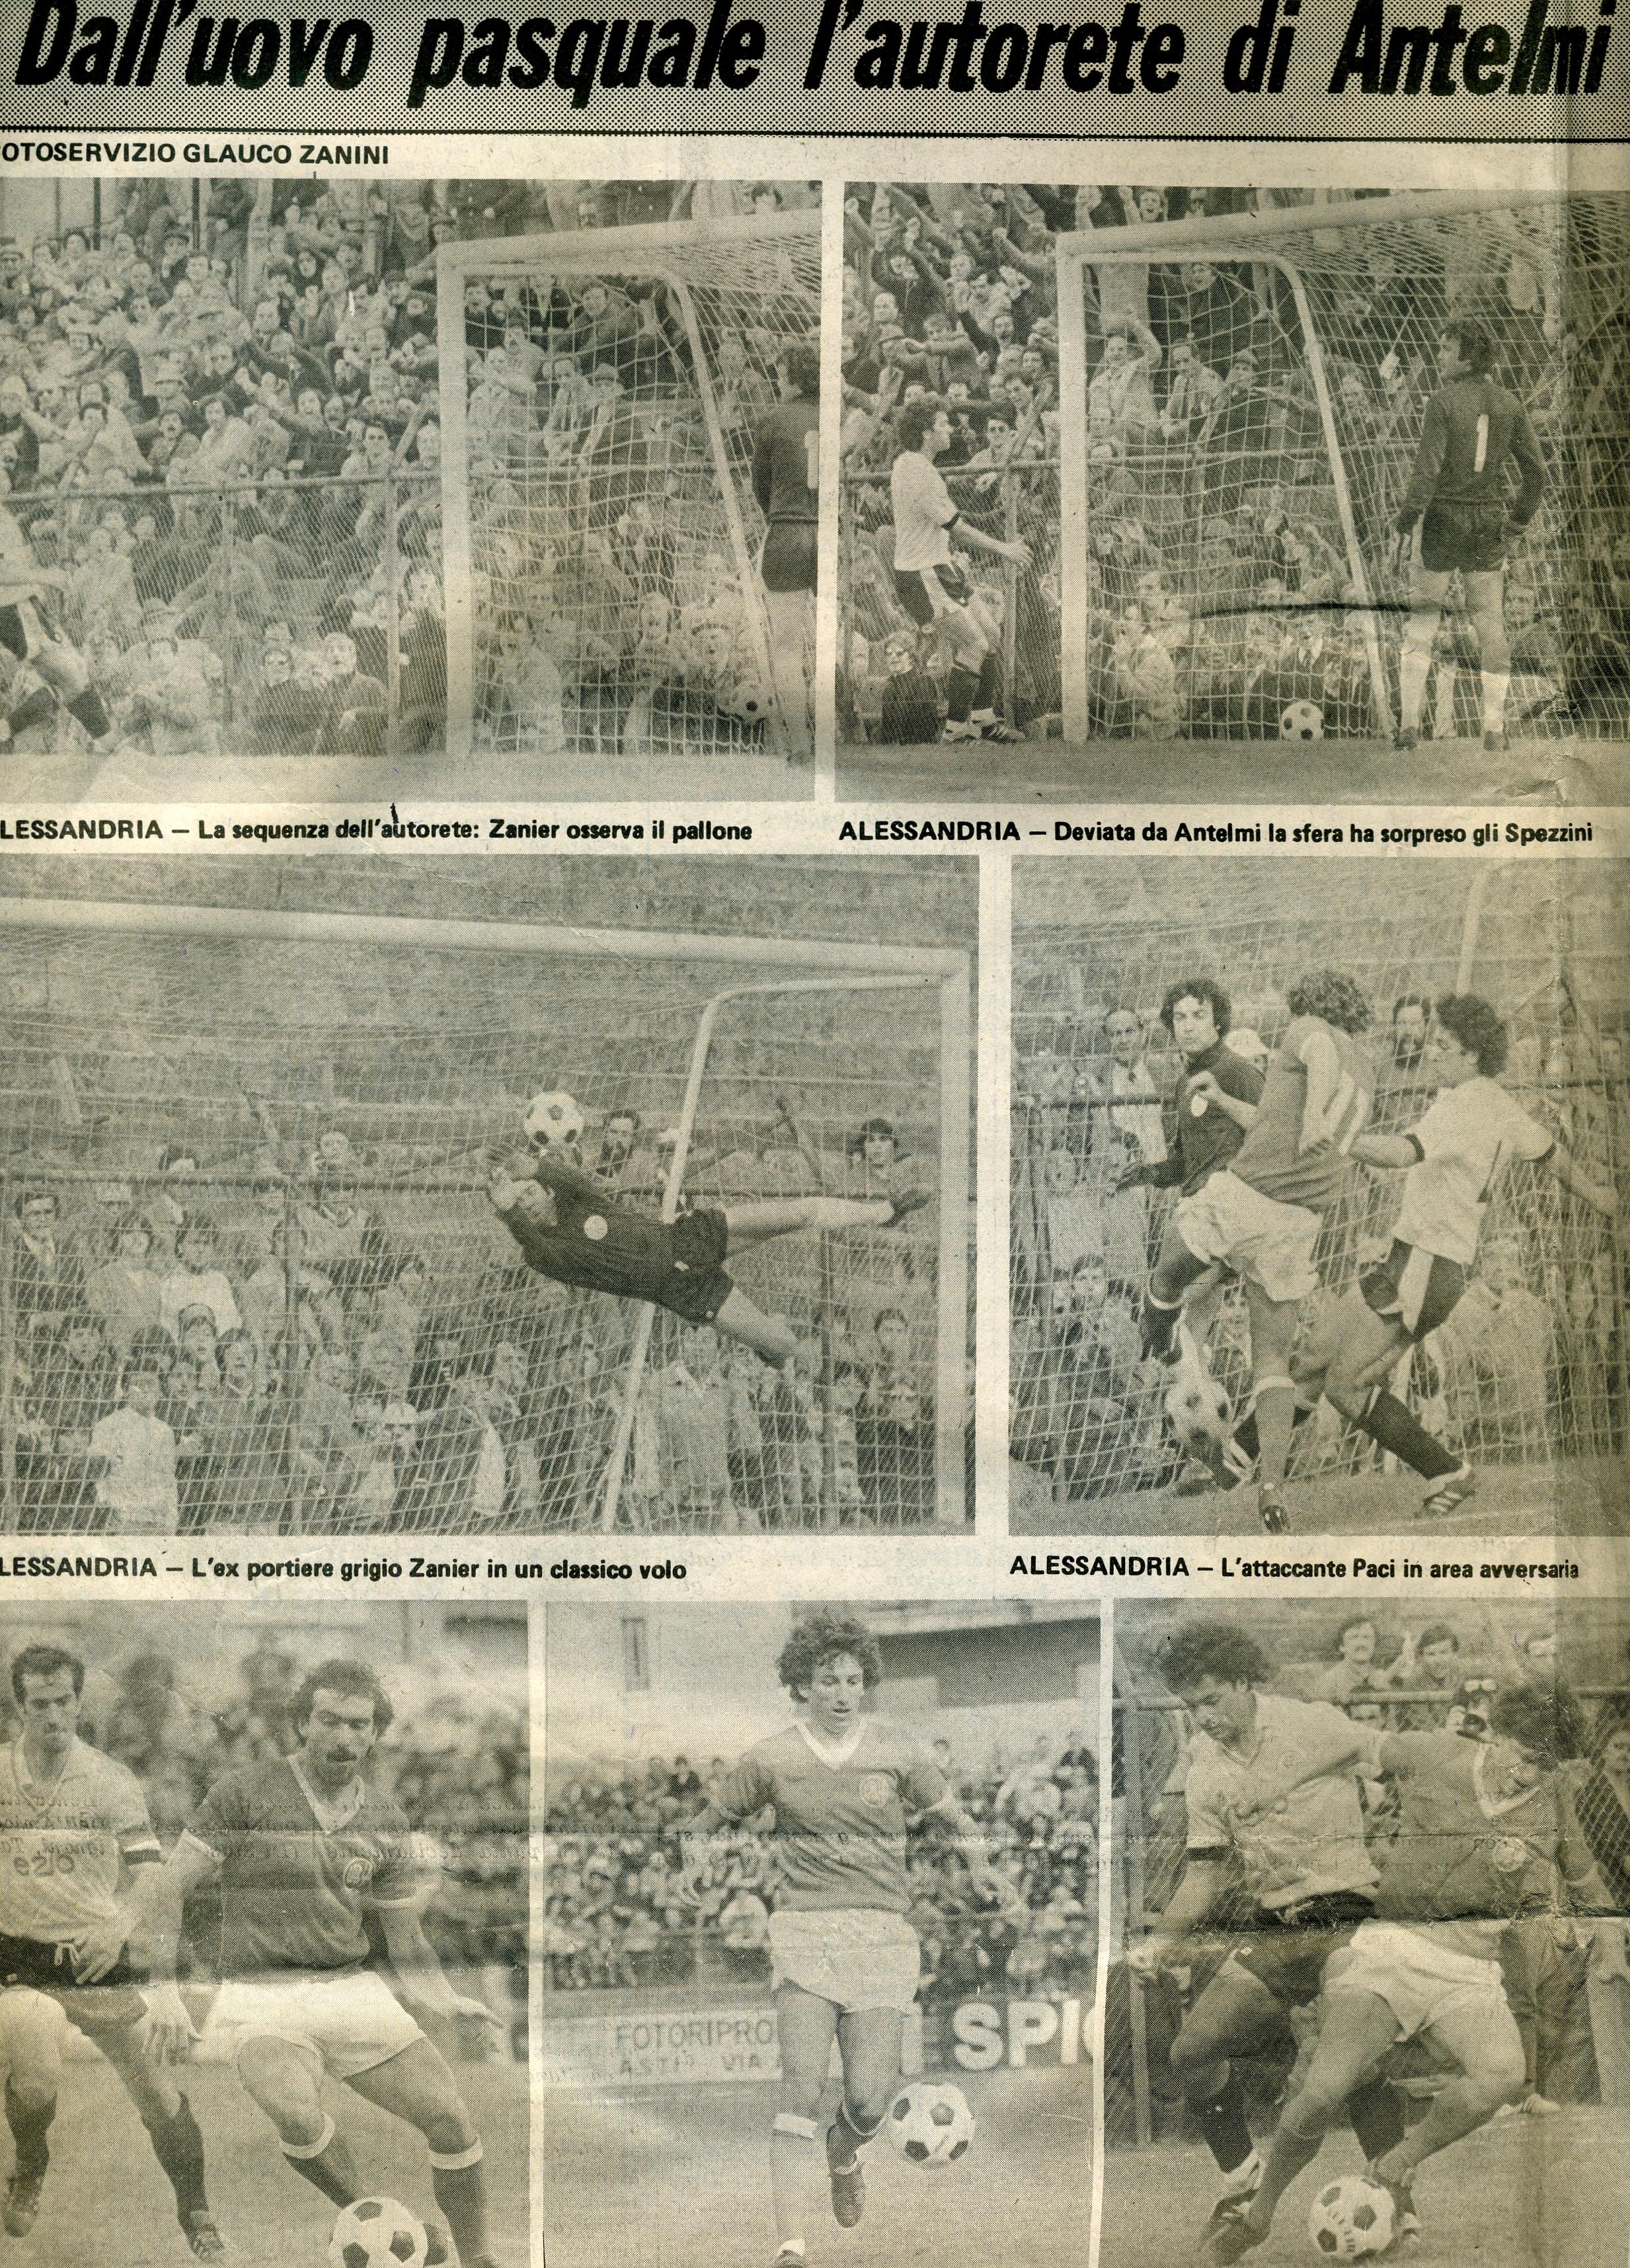 Alessandria - Spezia 1982-83 (articolo del giornale ''Gisette'')(1)